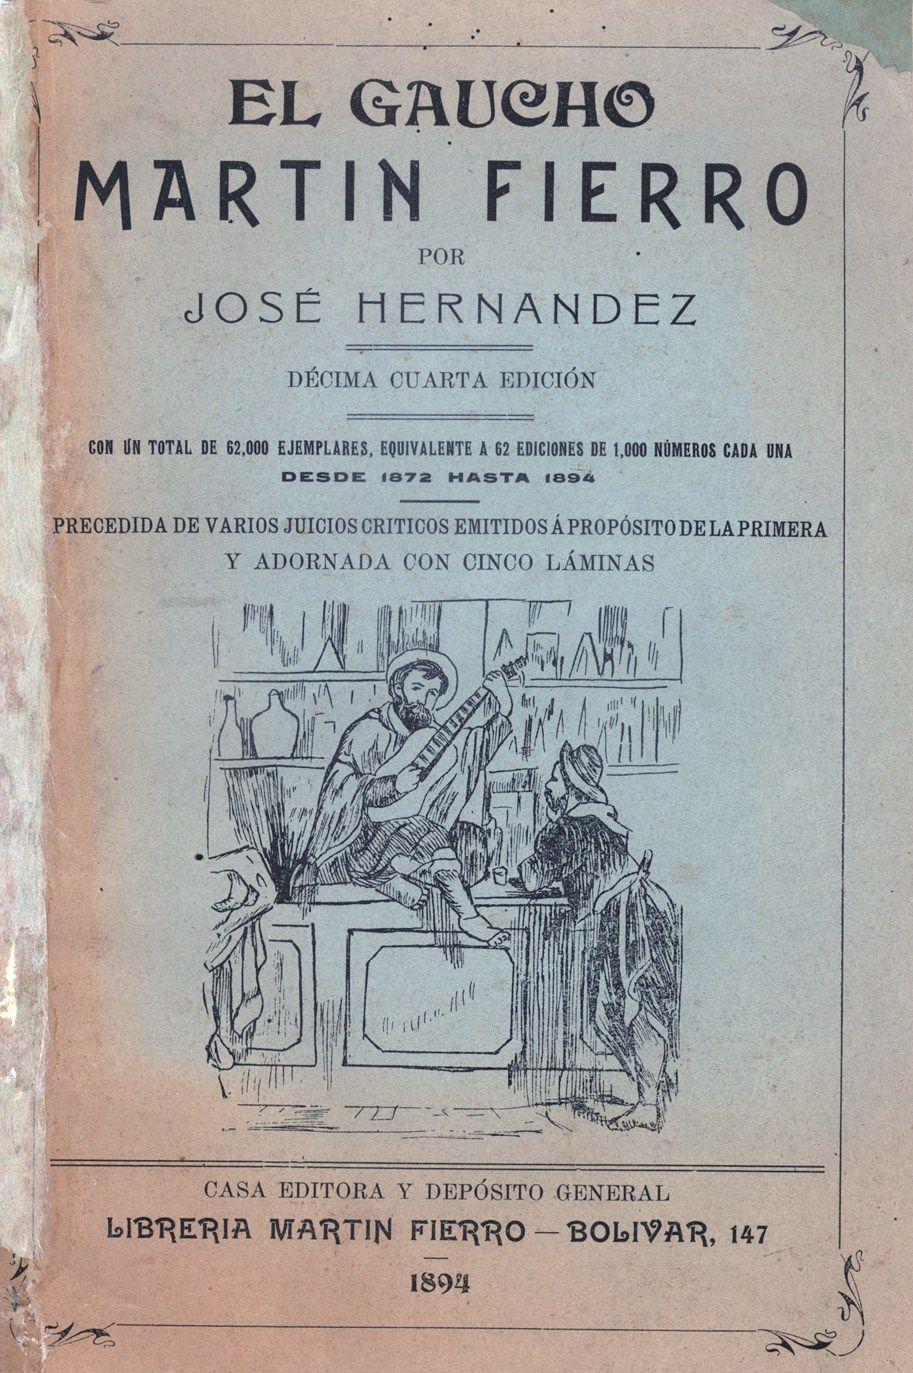 El Gaucho Martín Fierro Es Un Poema Narrativo Argentino Escrito En Verso Por José Hernández En 1872 Obra Literaria Considera Gaucho Portadas De Libros Libros